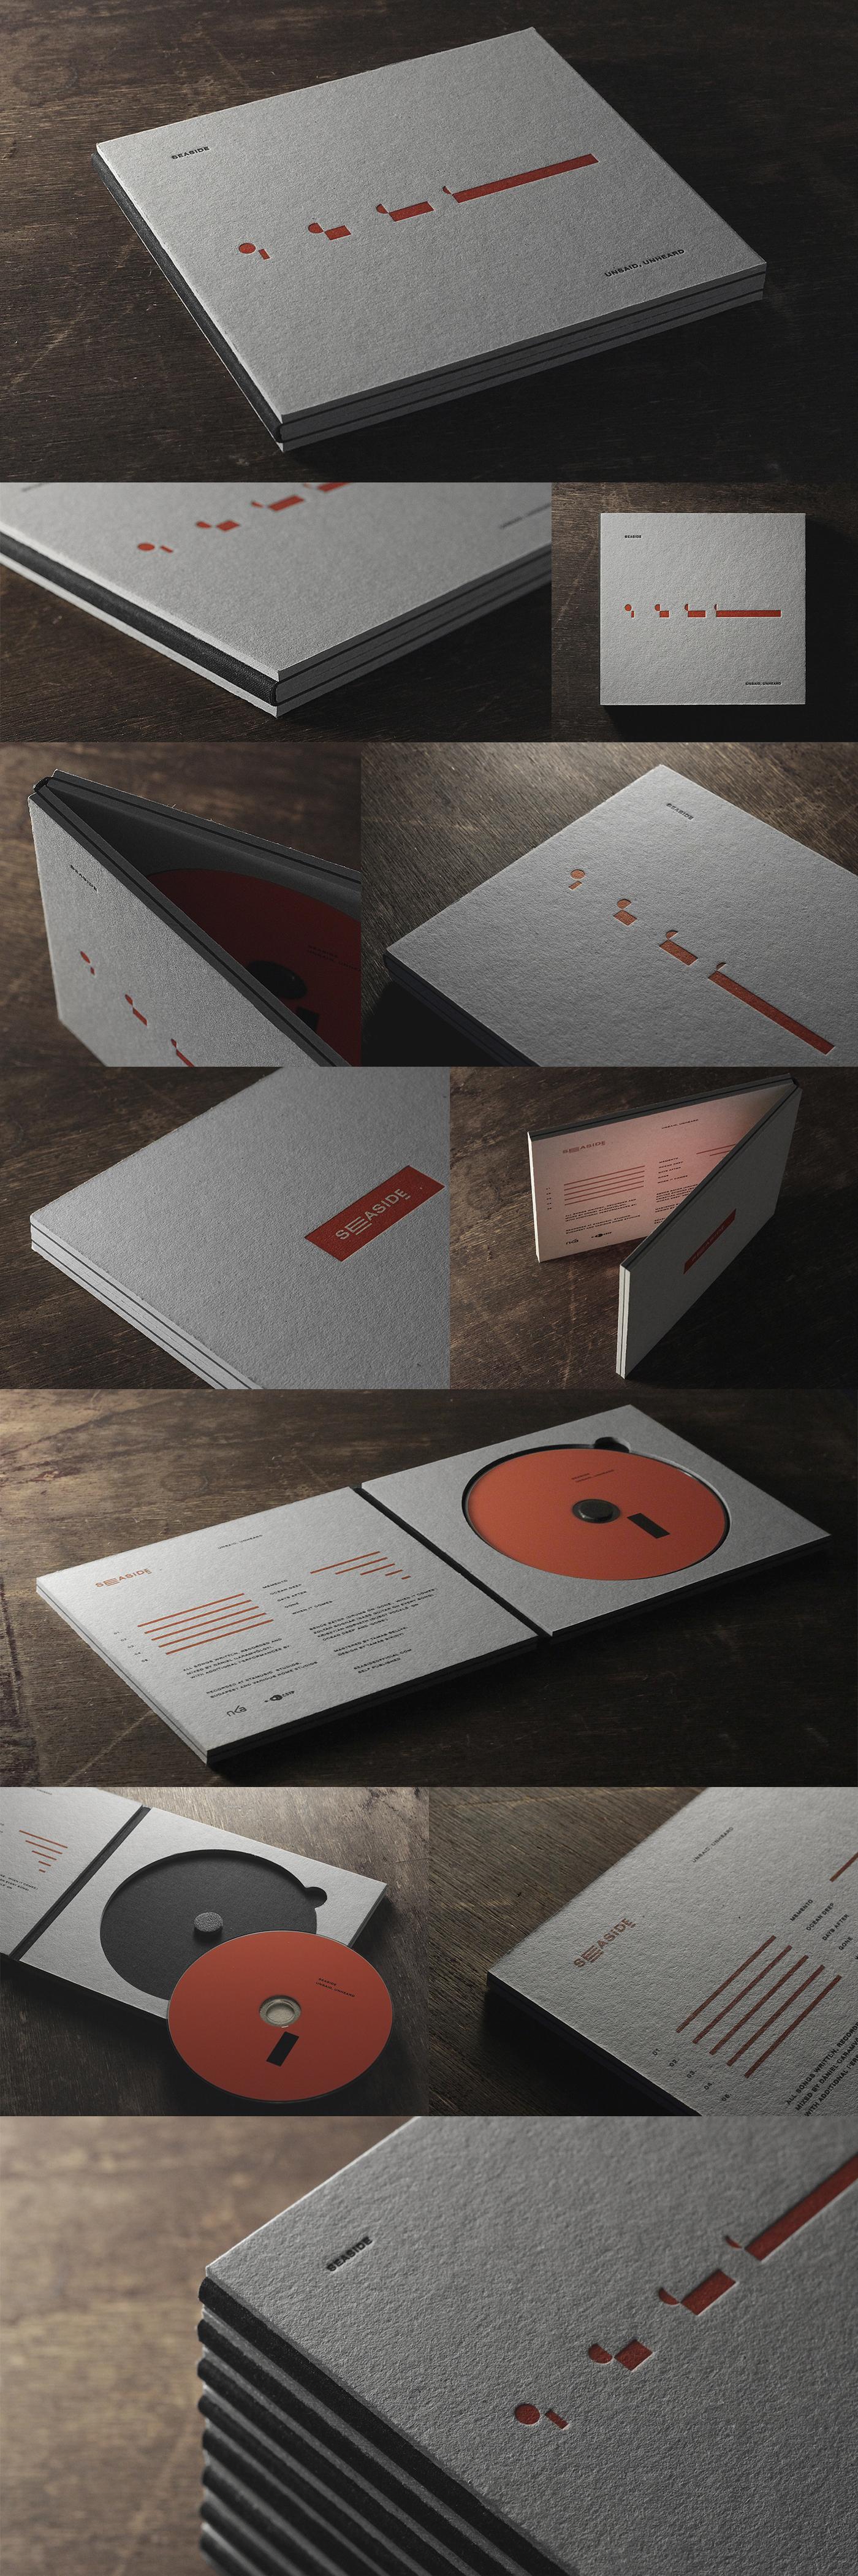 Seaside Album identity cd cover package letterpress albumcover dream time